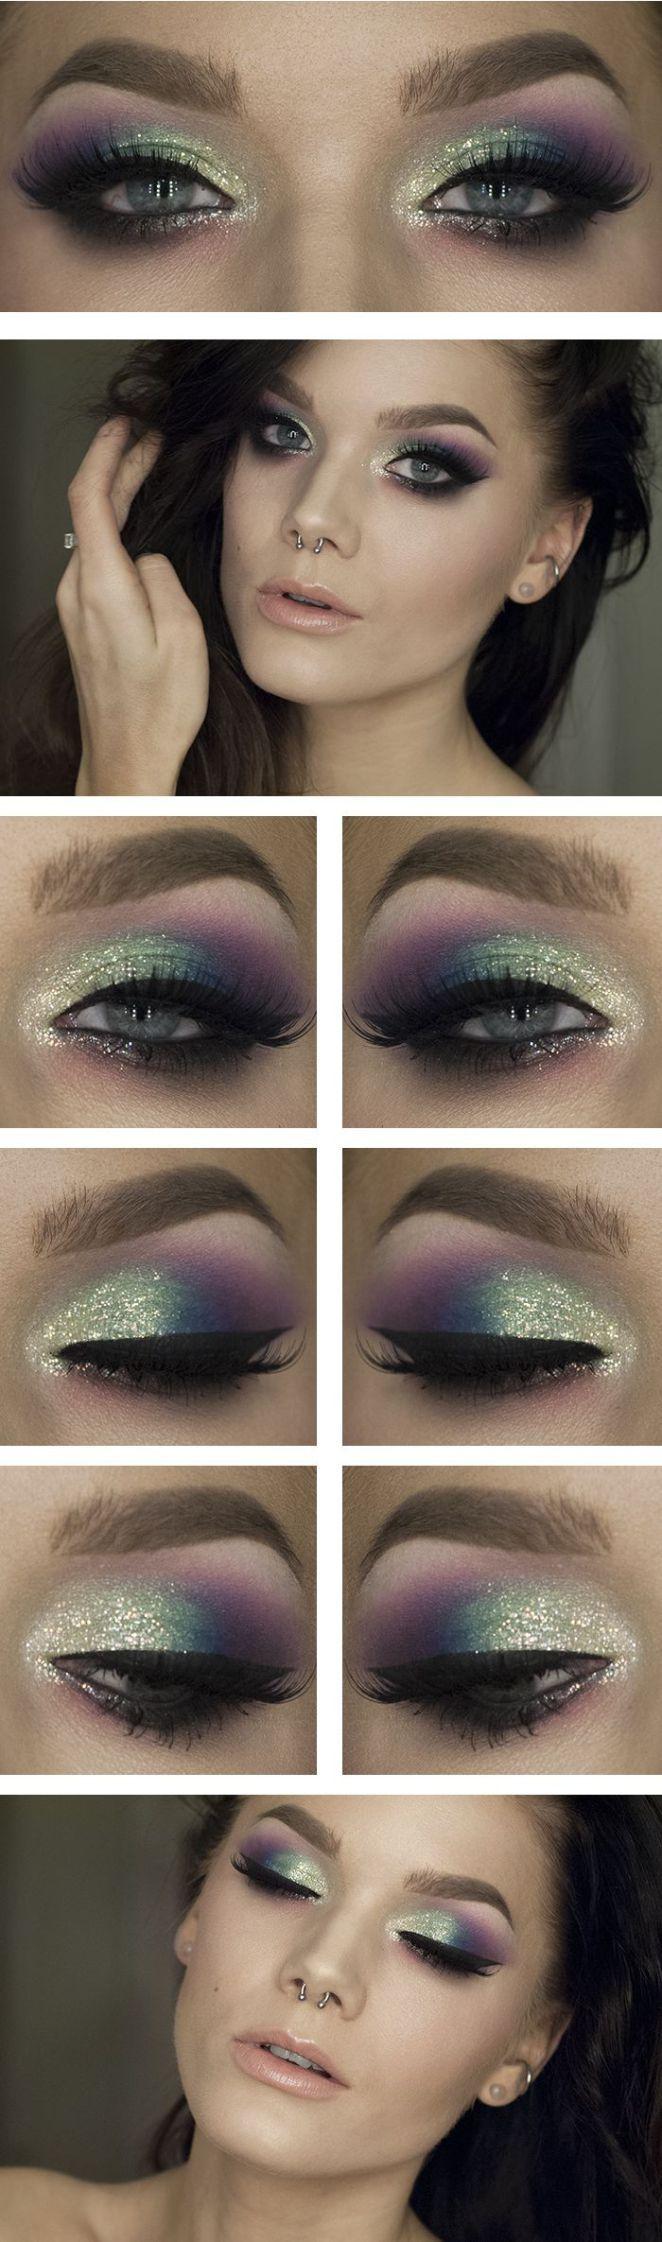 Tendance Maquillage Yeux 2017 / 2018 Feu d'artifice Violet bleu et vert avec des paillettes. Et c'est légitime la SEULE fille